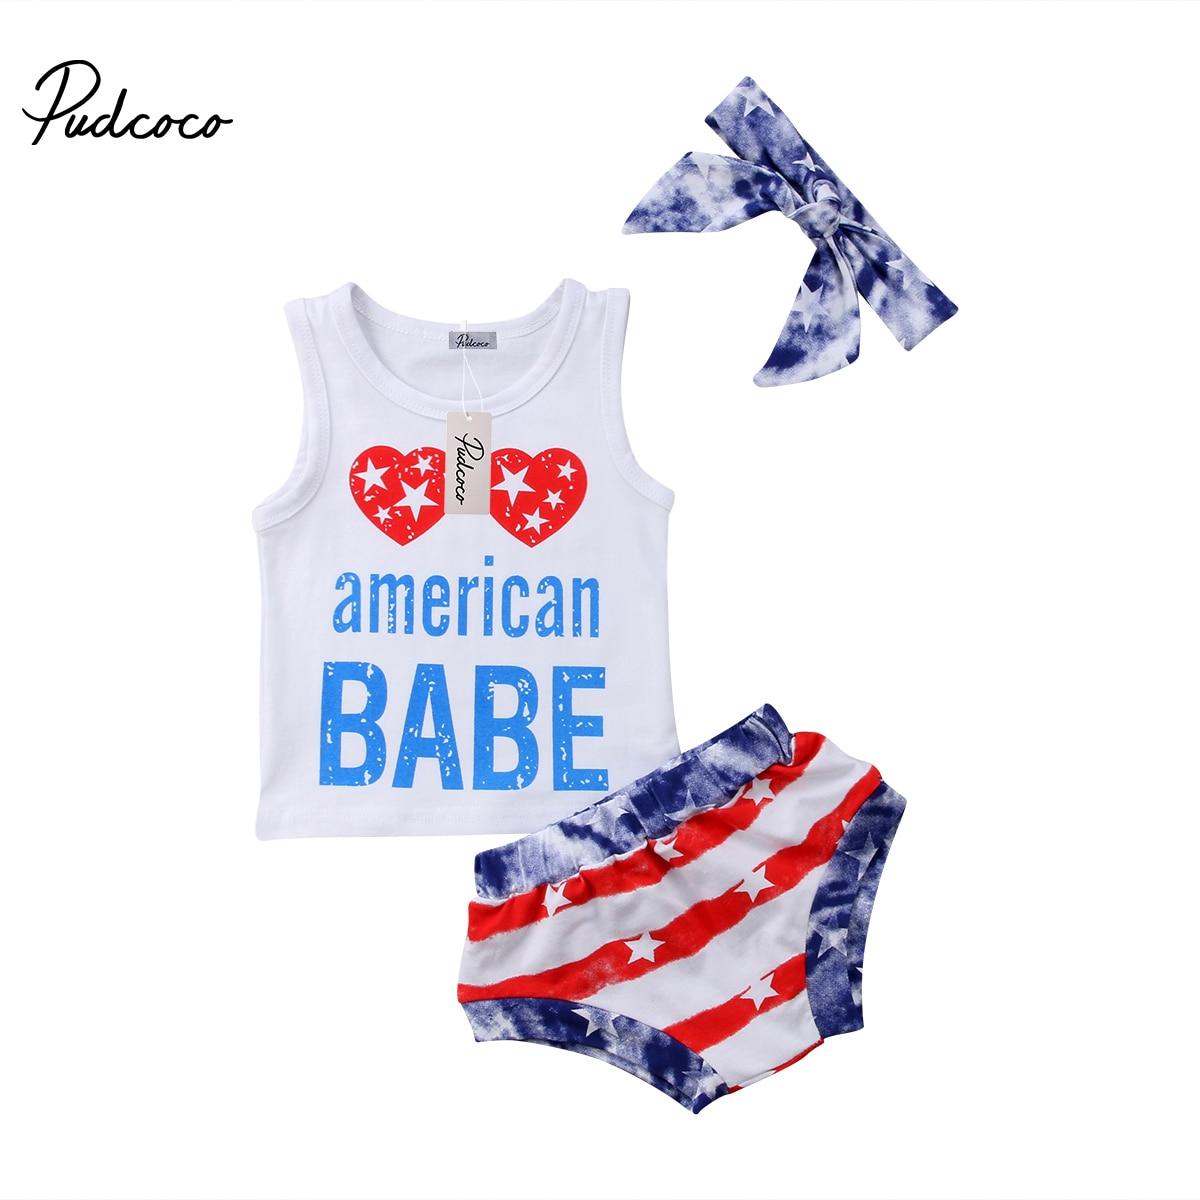 2018 Brand New Infantil Da Criança Do Bebê Dos Miúdos Da Menina do Menino de Algodão Romper Calças Da Bandeira Americana Roupas Headband do 3 Pcs Casuais Set Outfit 0-4 T